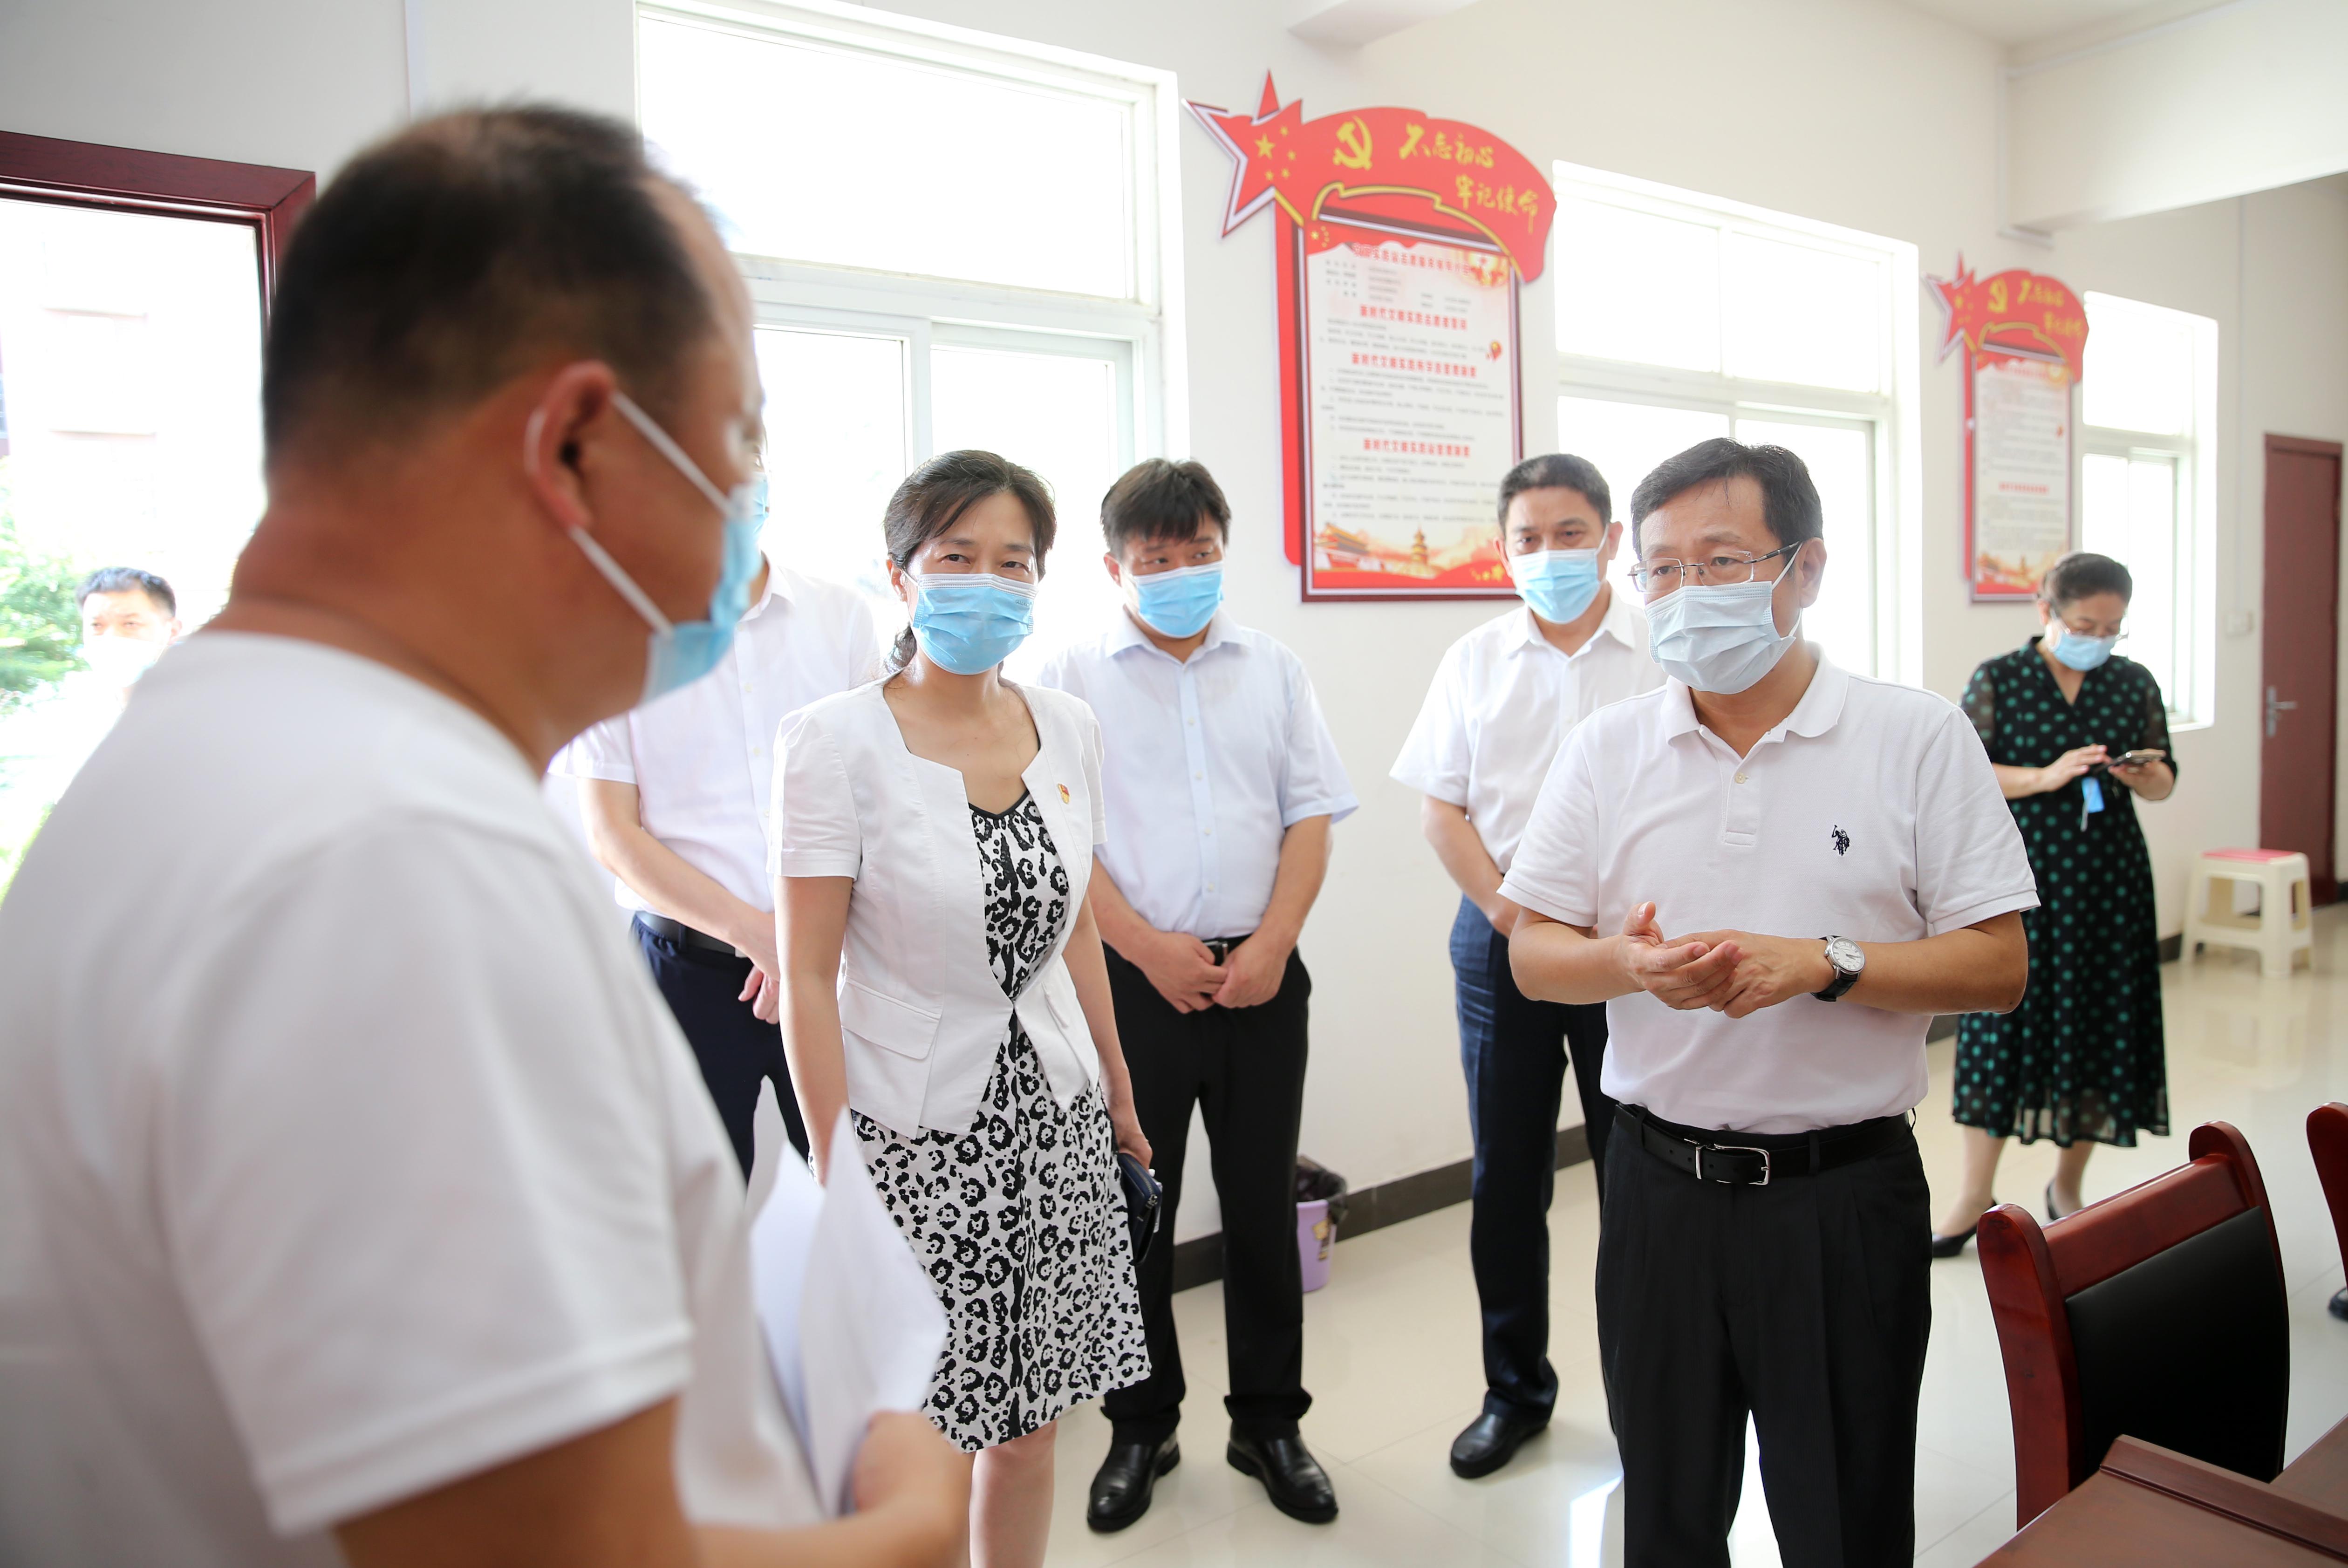 蒿慧杰深入遂平县、市中心城区部分重点场所检查督导疫情防控工作